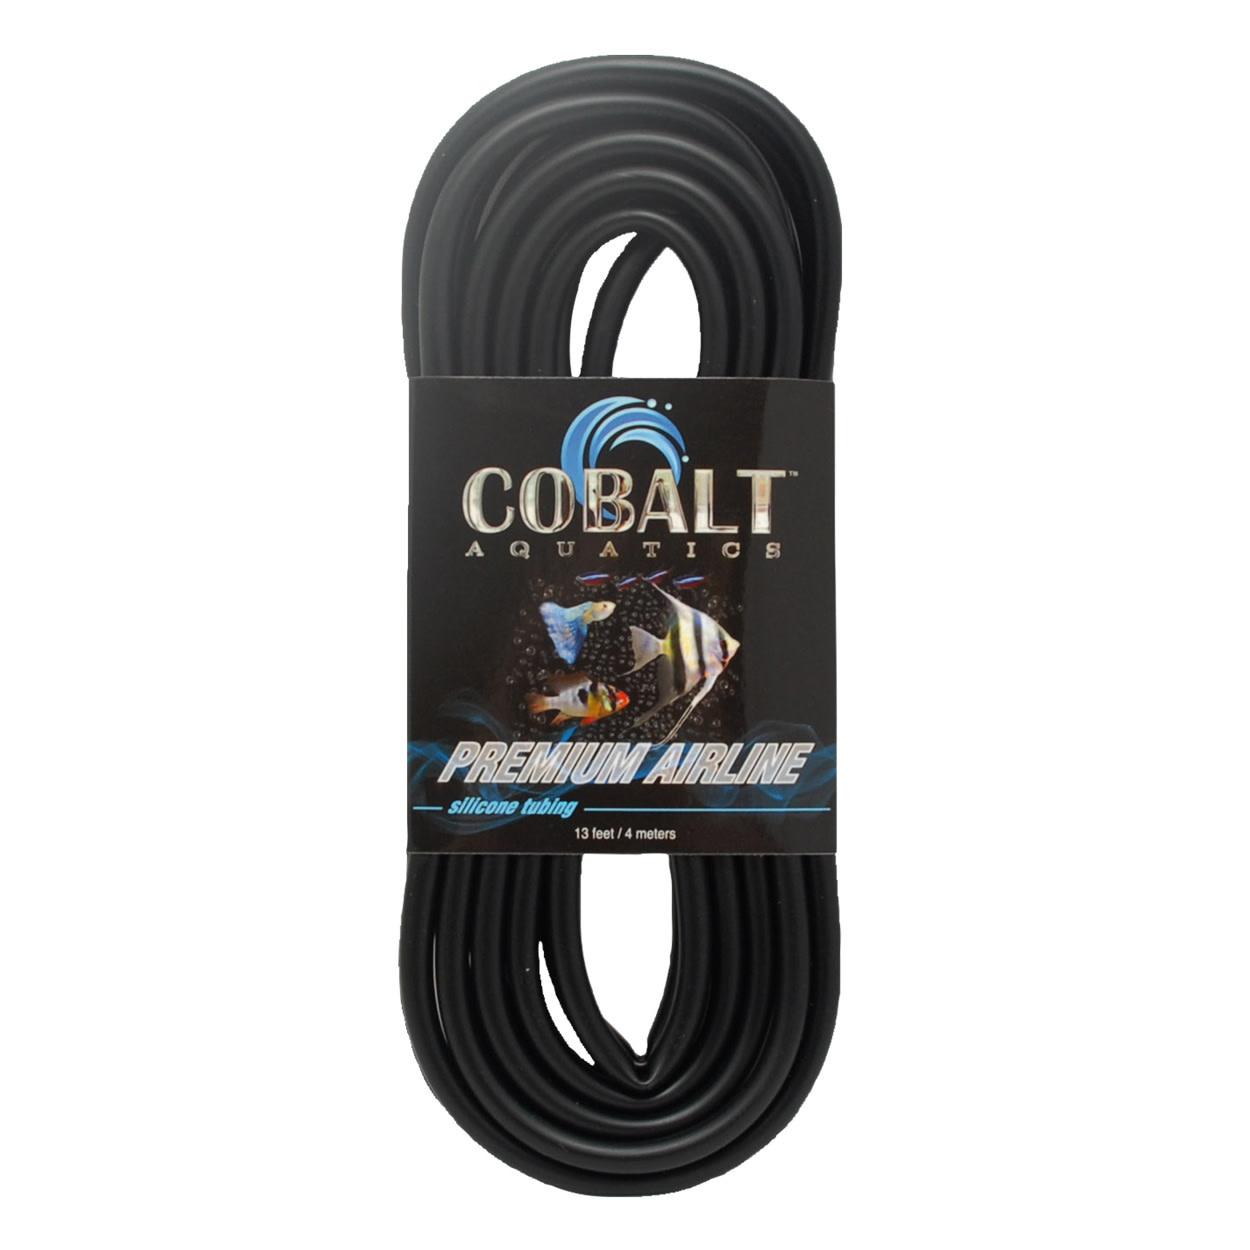 Cobalt Aquatics Cobalt Premium Air Line - Black 13'